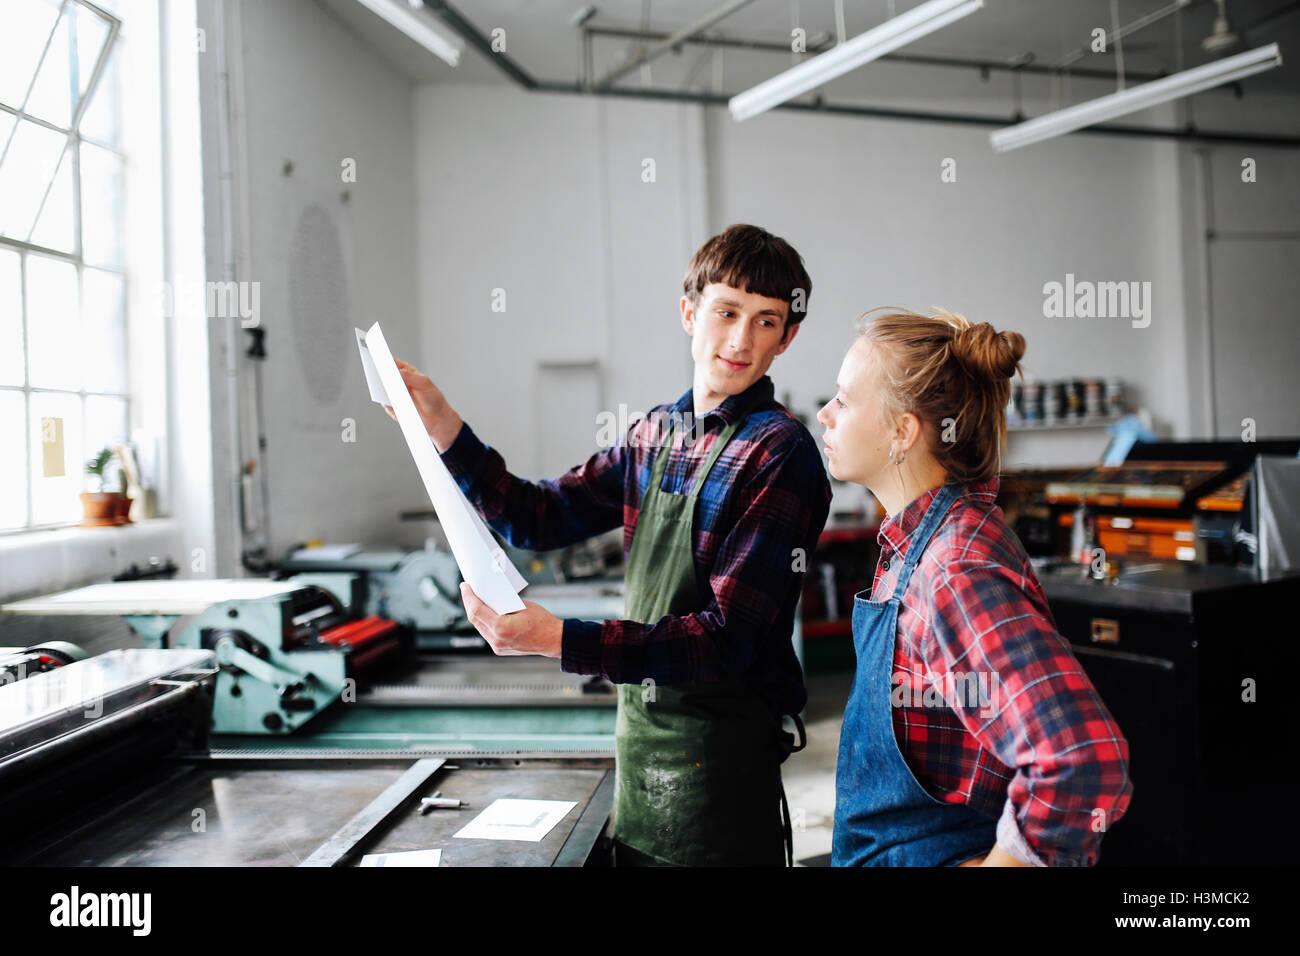 Macho y hembra joven artesana mirando a imprimir en el libro taller de artes Imagen De Stock